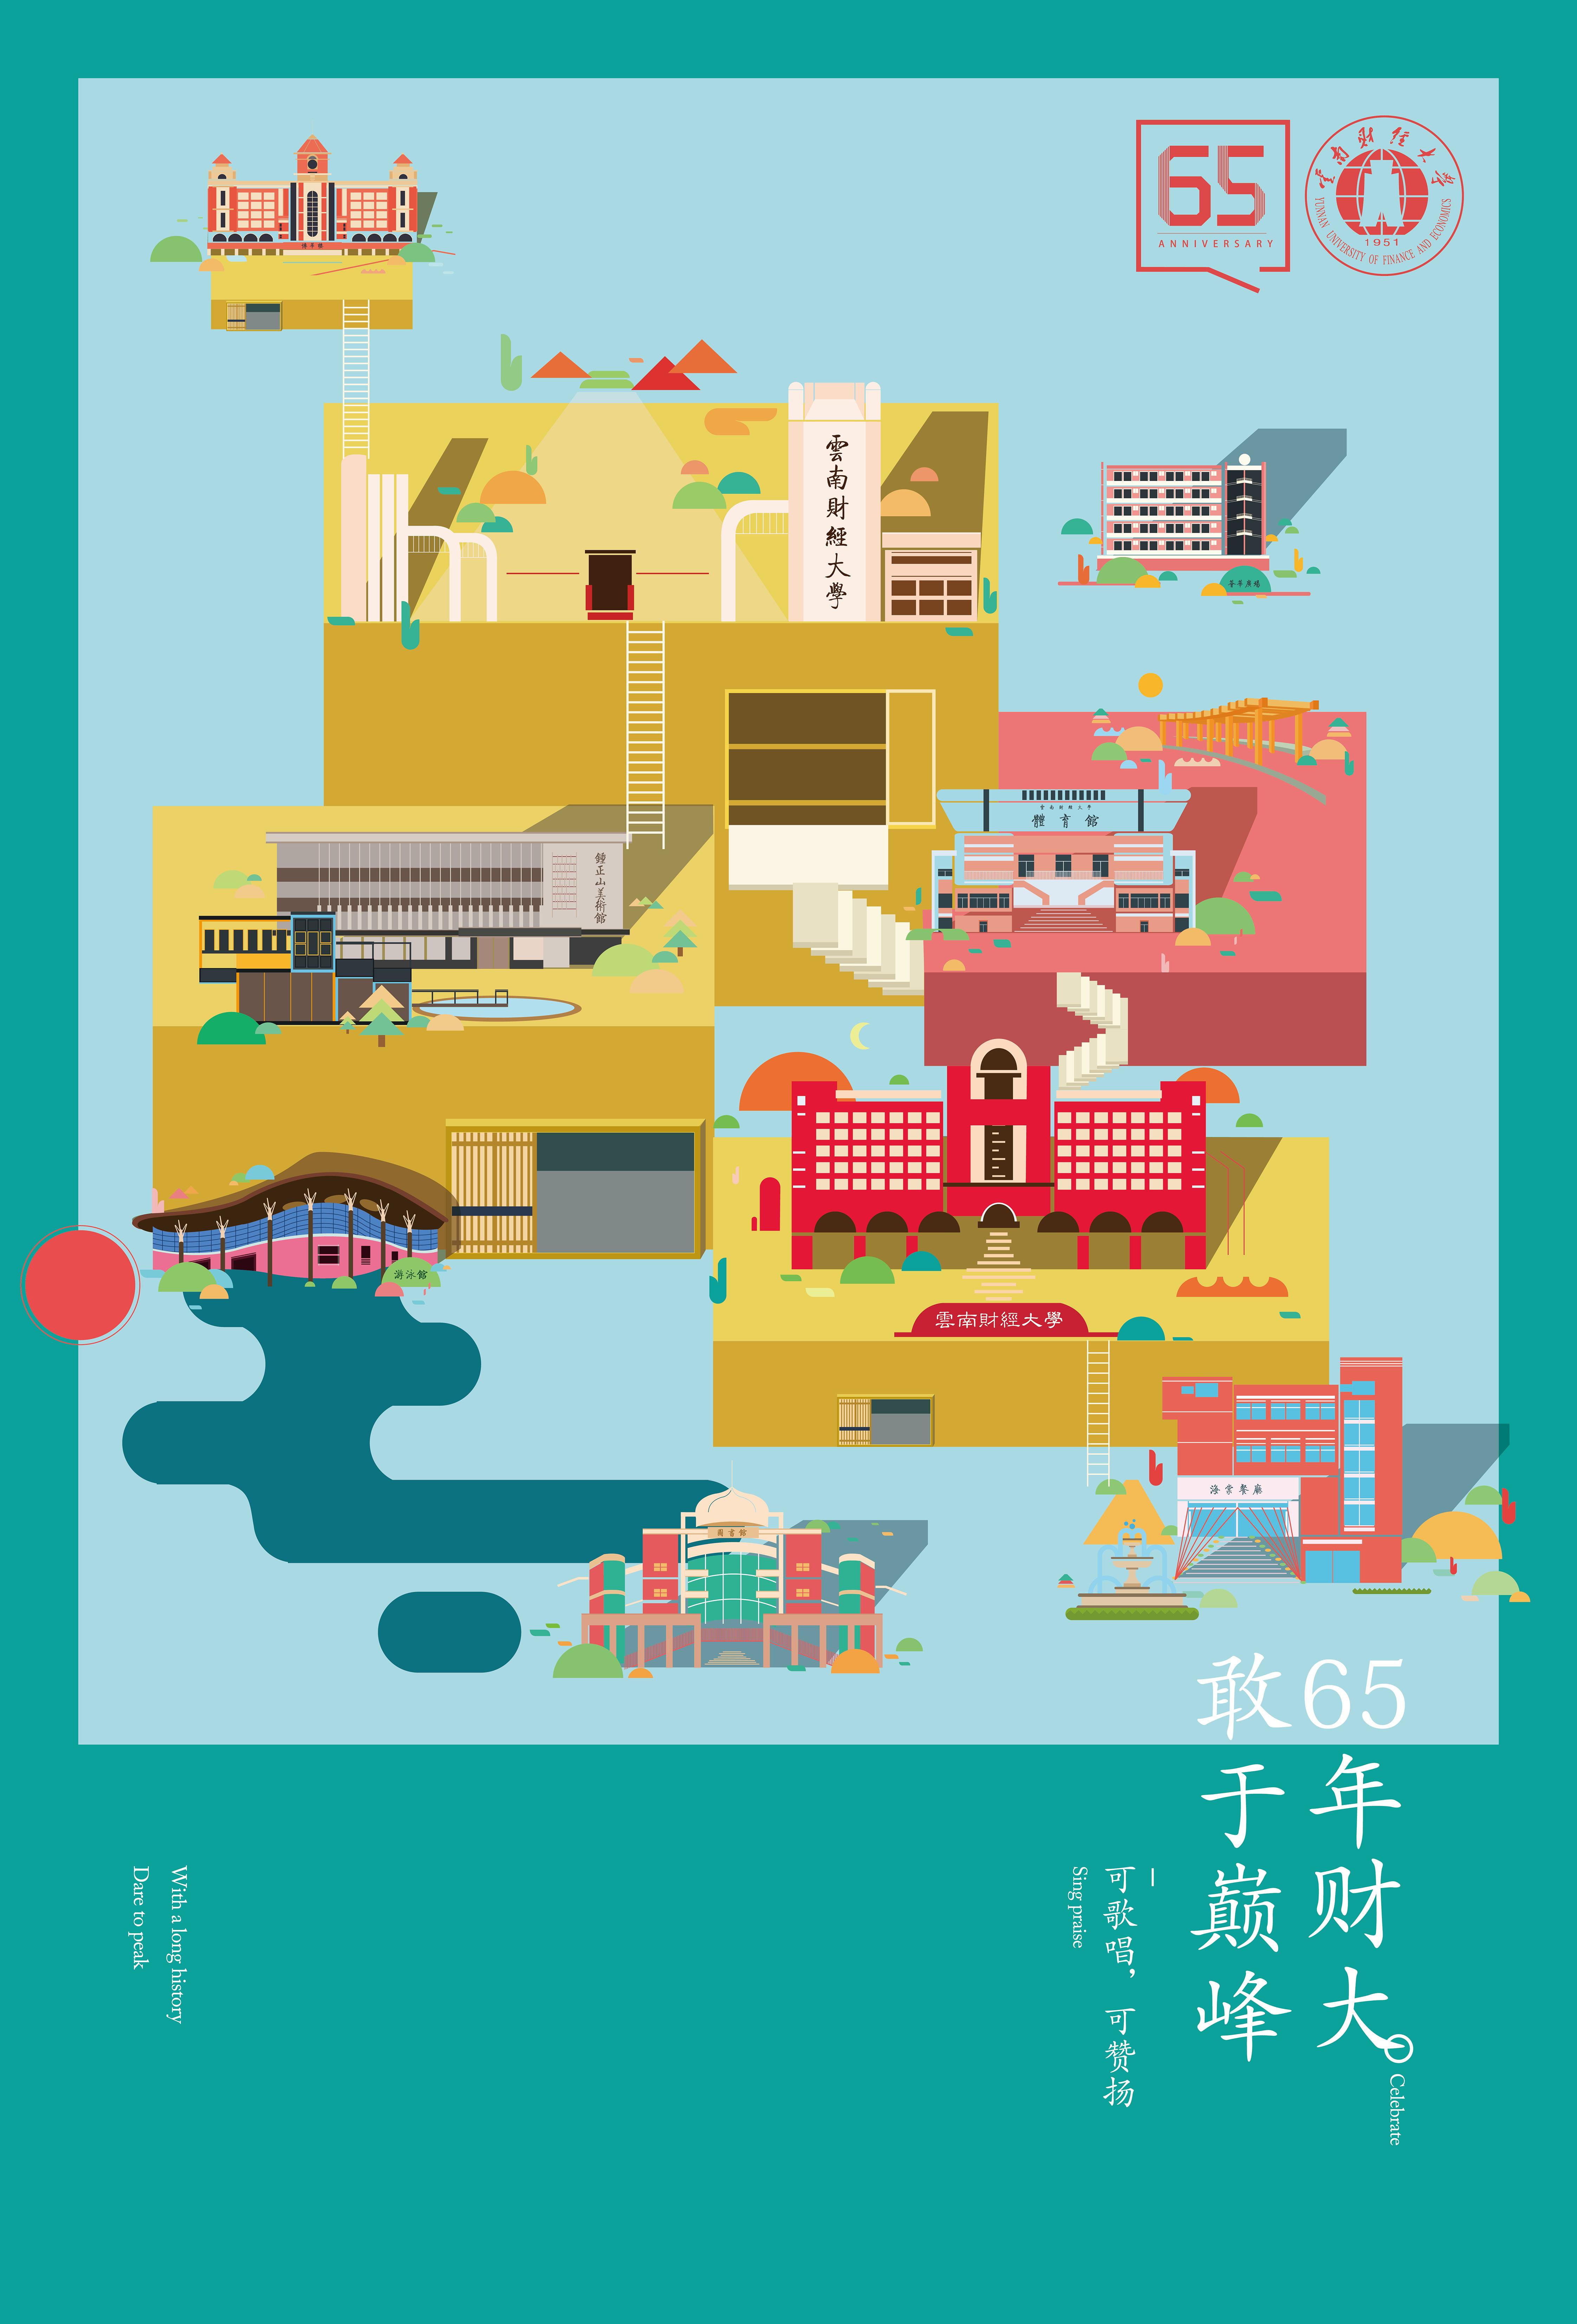 財大65周年校慶海報設計圖片